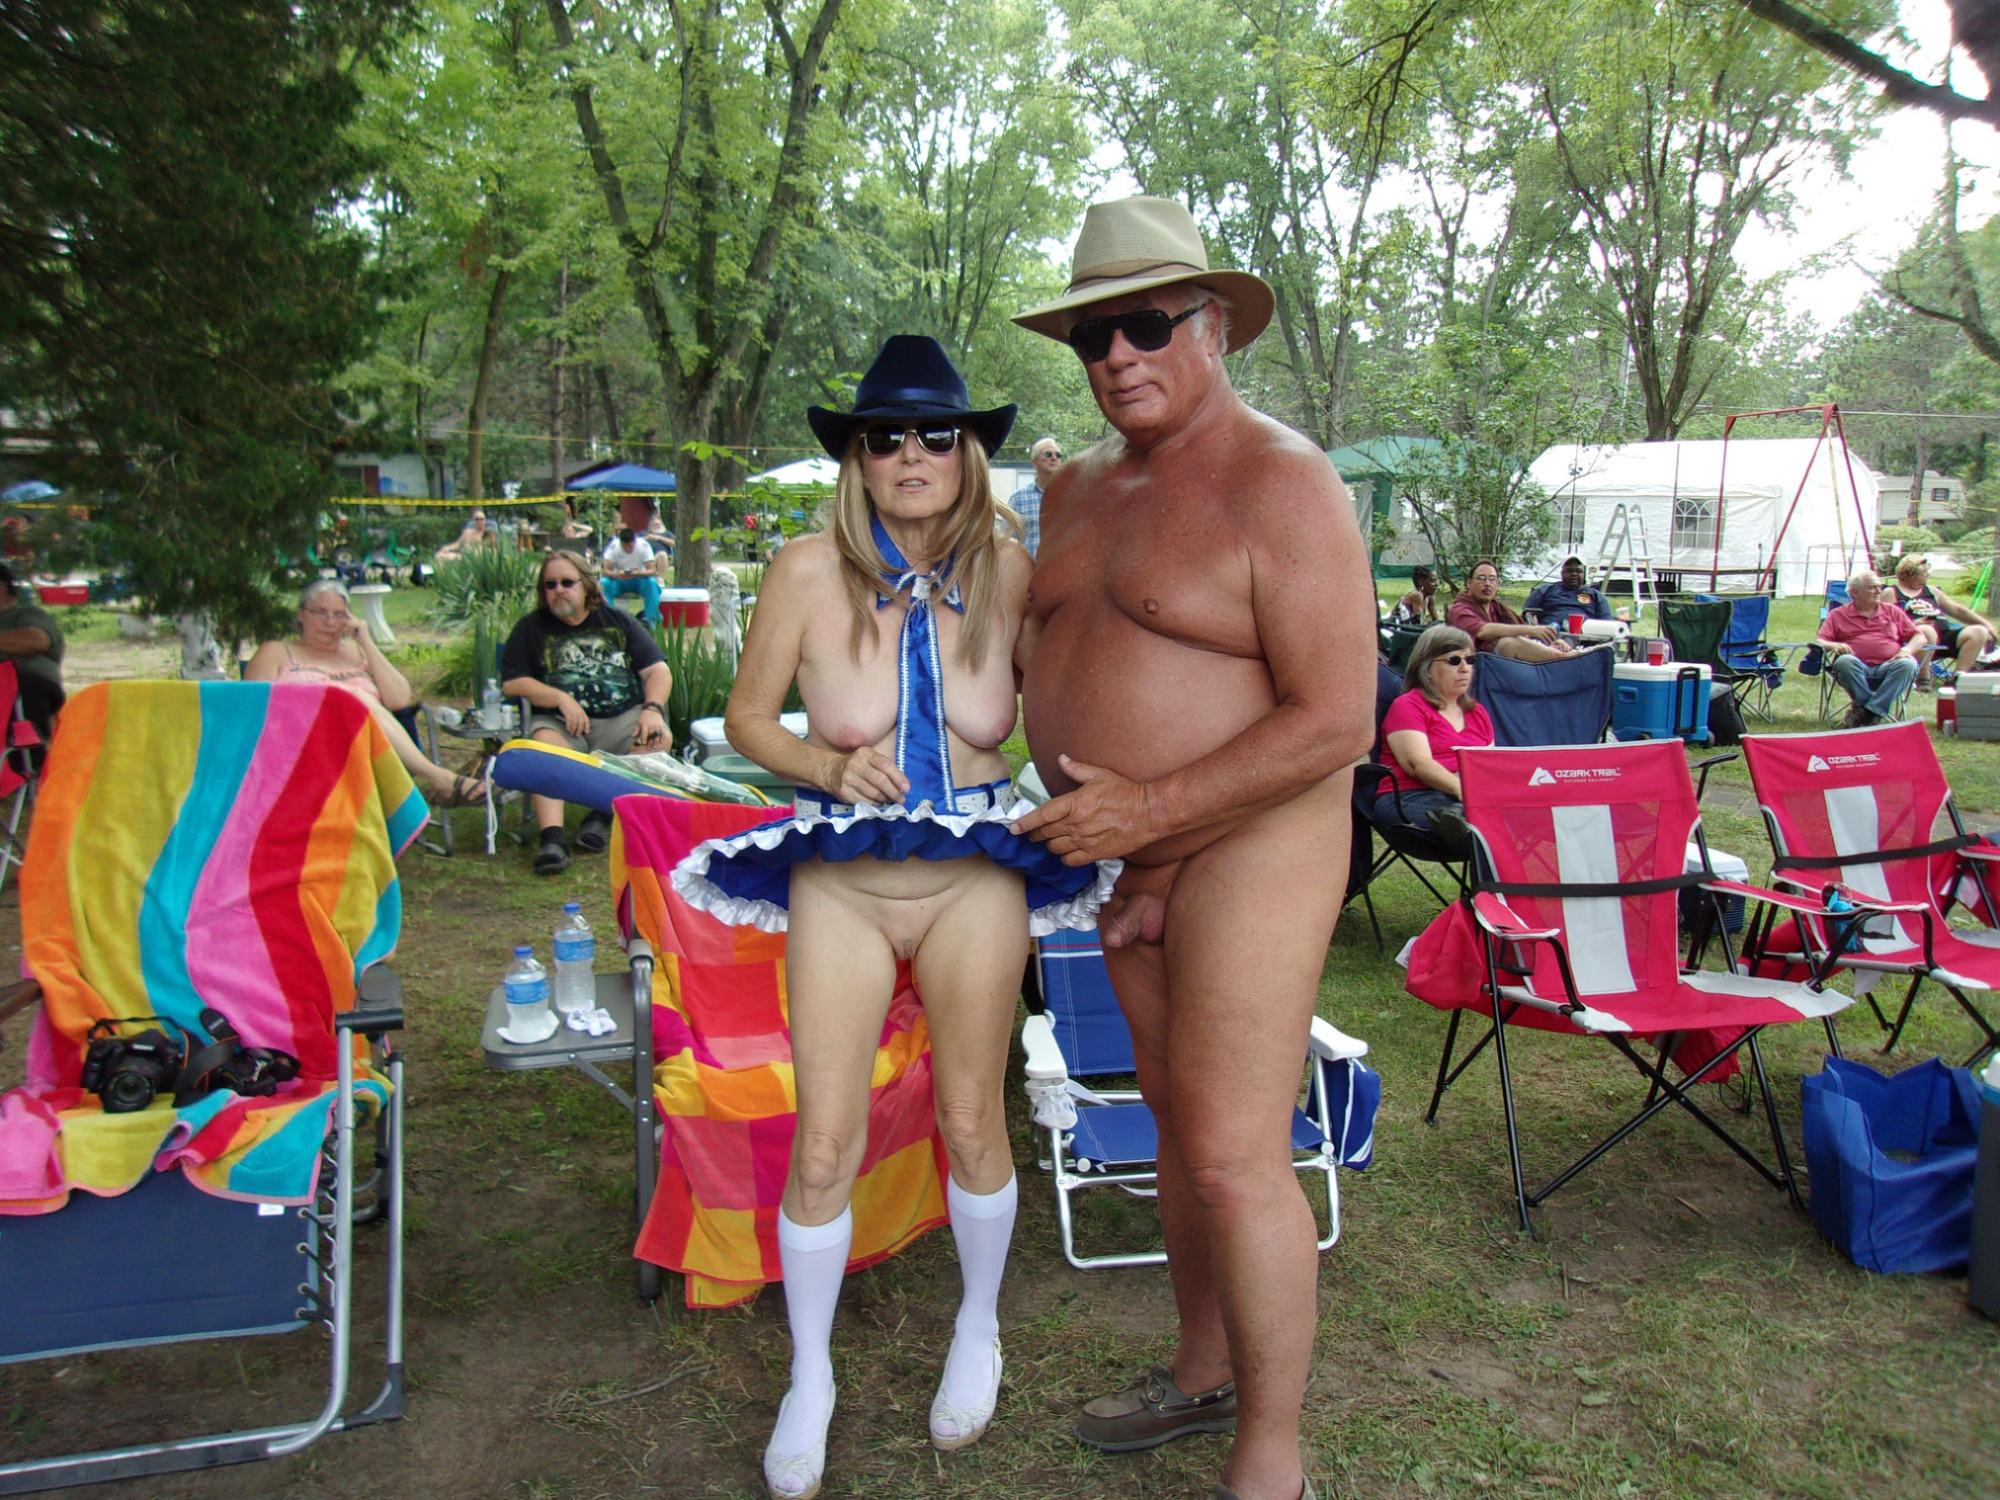 Camping Nudista - Videos Porno Gratis de Camping Nudista